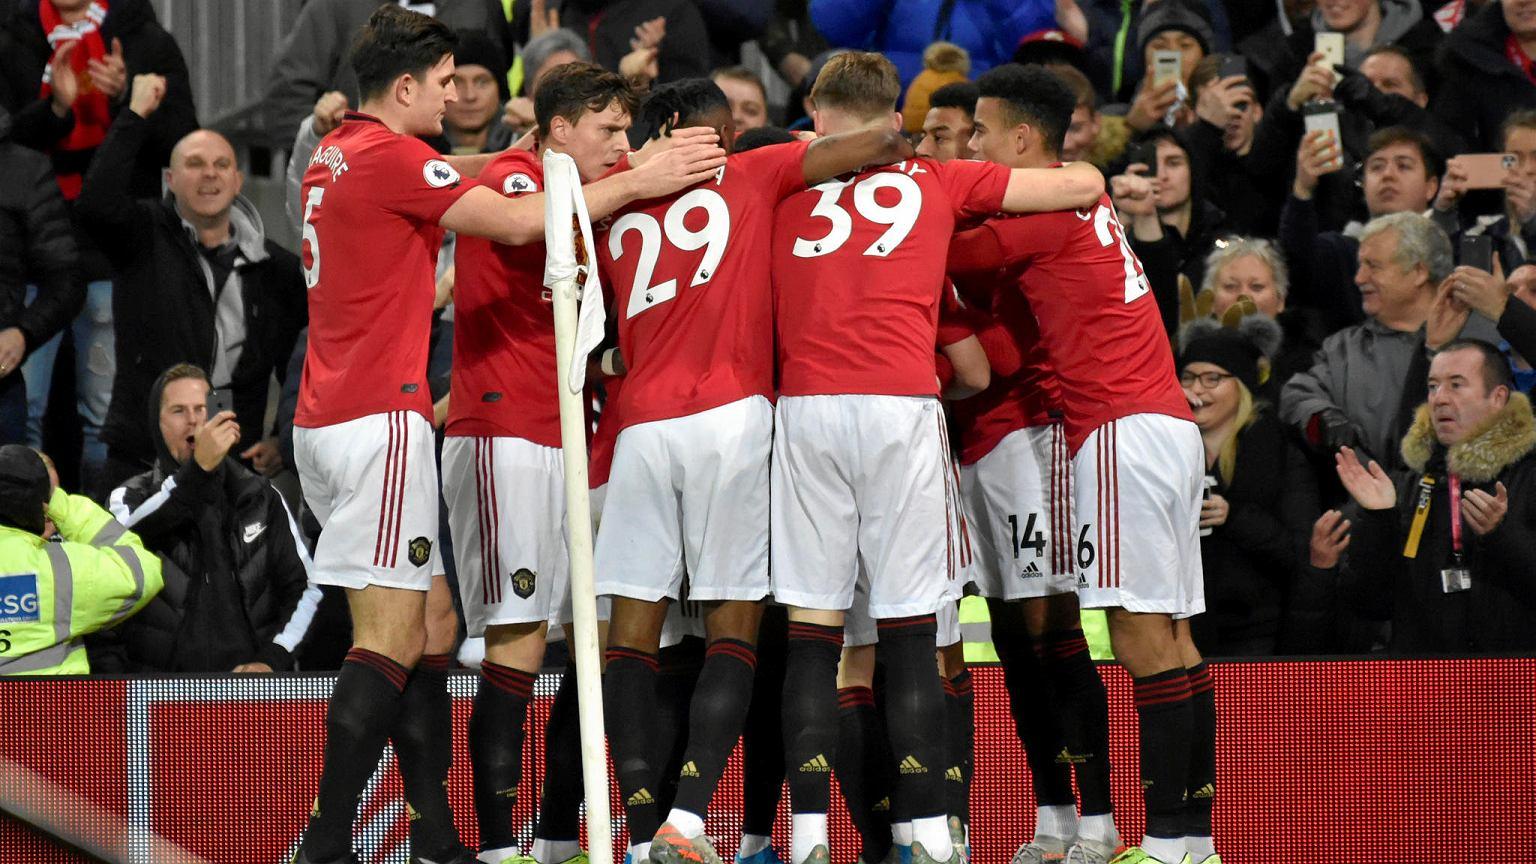 Manchester United przeprowadzi wielki transfer! 200 mln euro do wydania Piłka nożna - Sport.pl